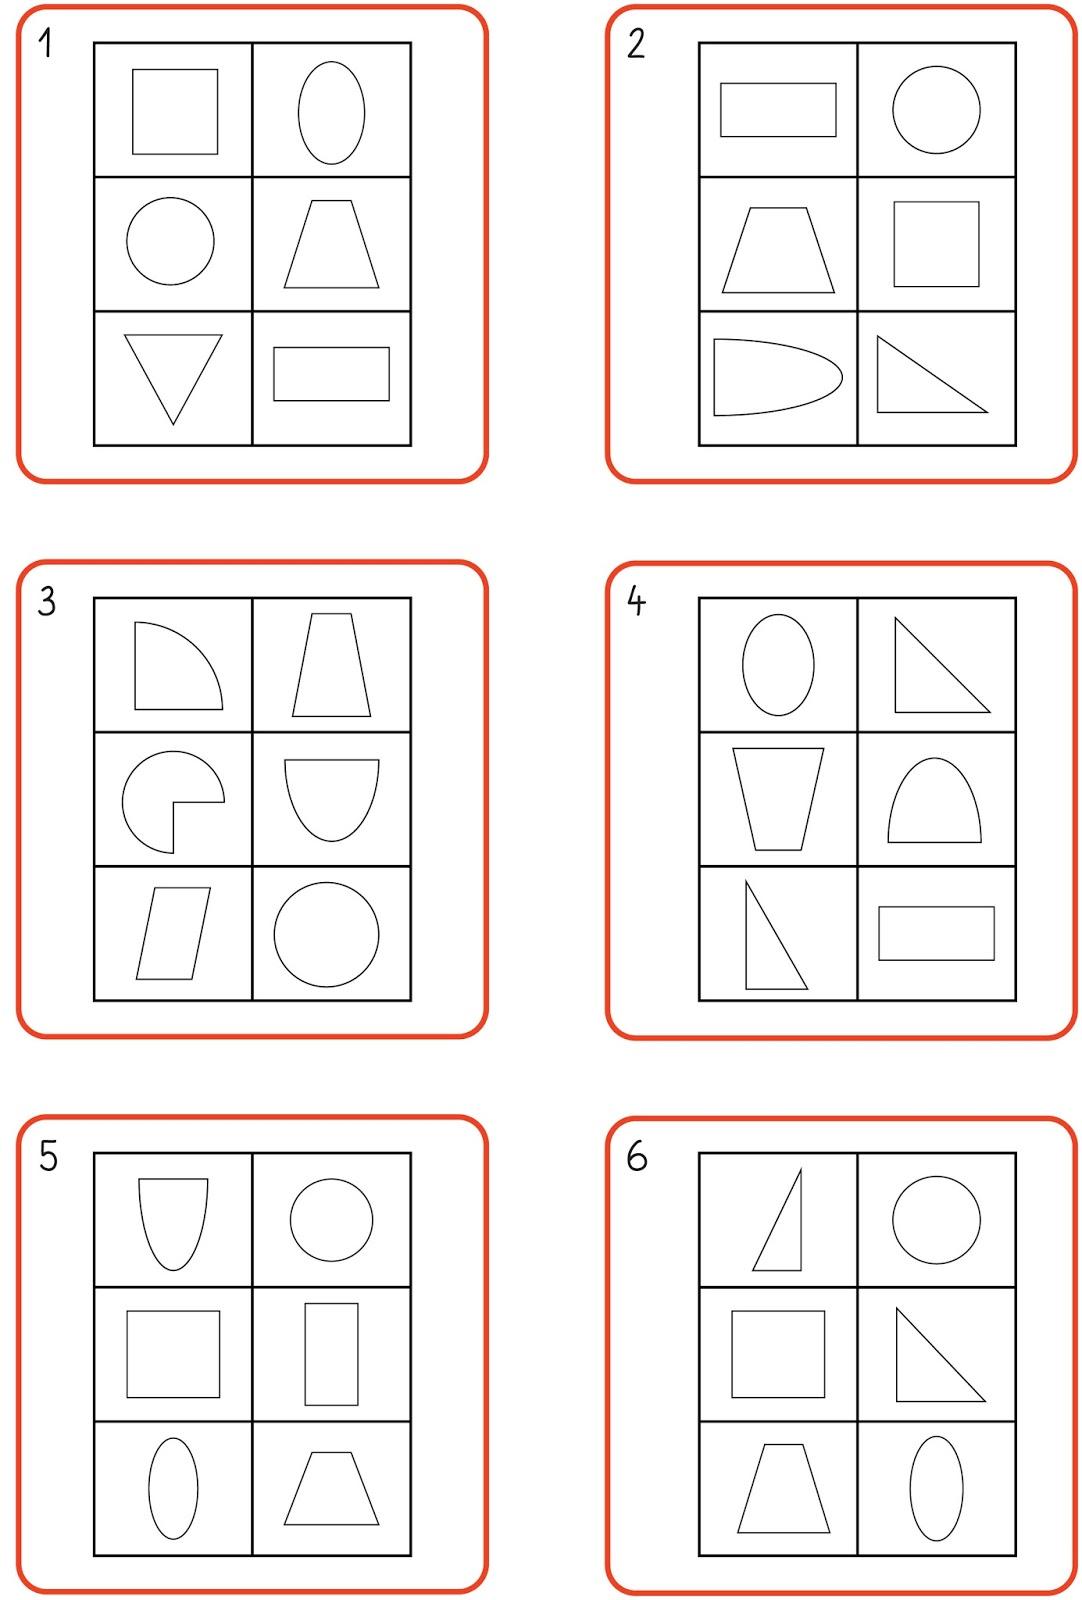 6 Formen 6 Felder Kärtchen 1-12-1